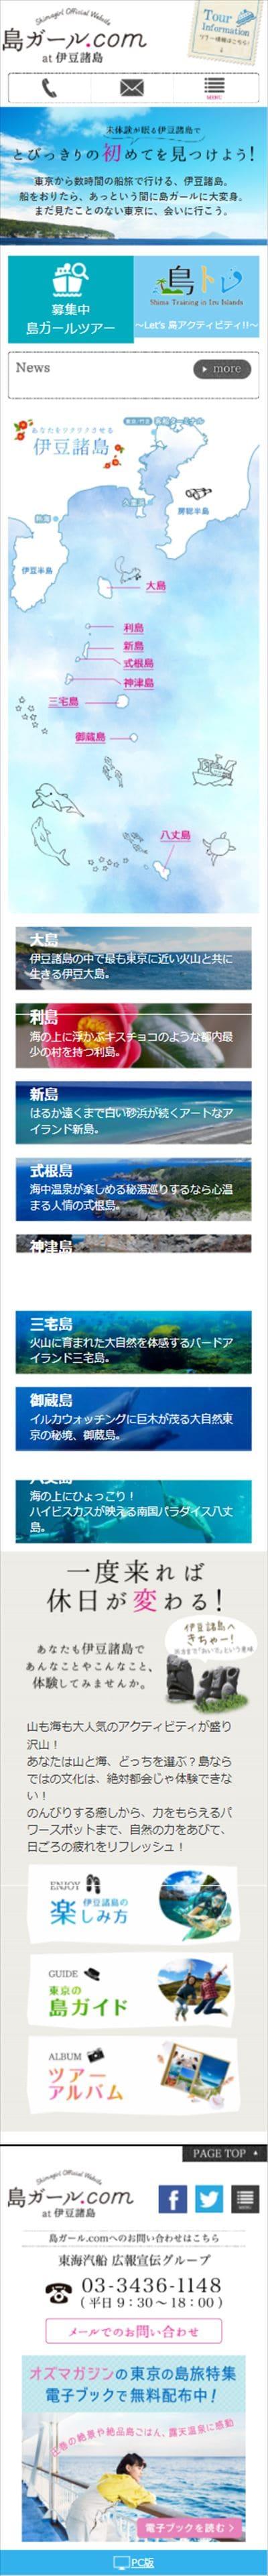 島ガール.com